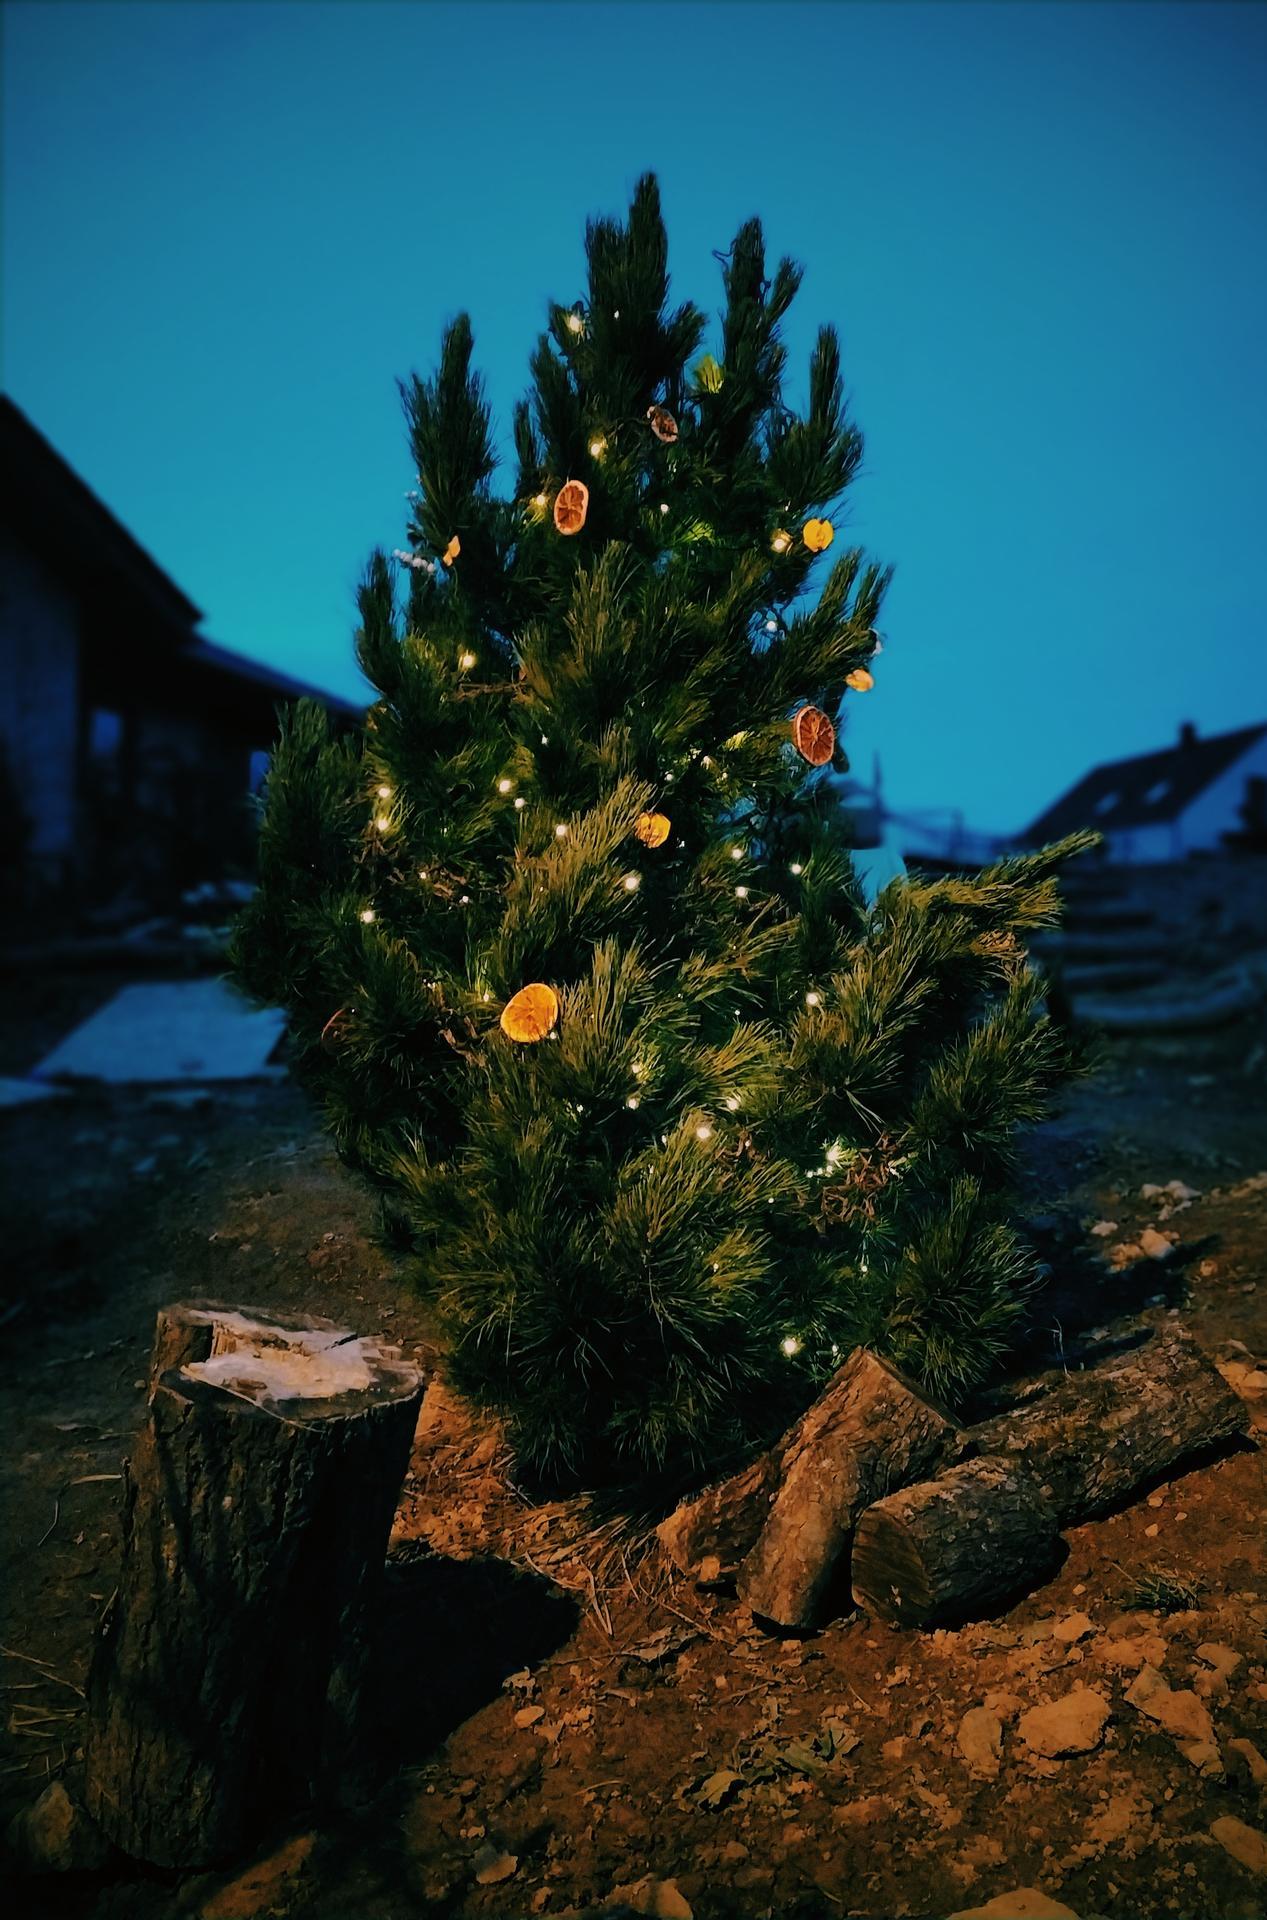 Náš domov ve svahu - Neříkala jsem, že jí Vánoce budou slušet?